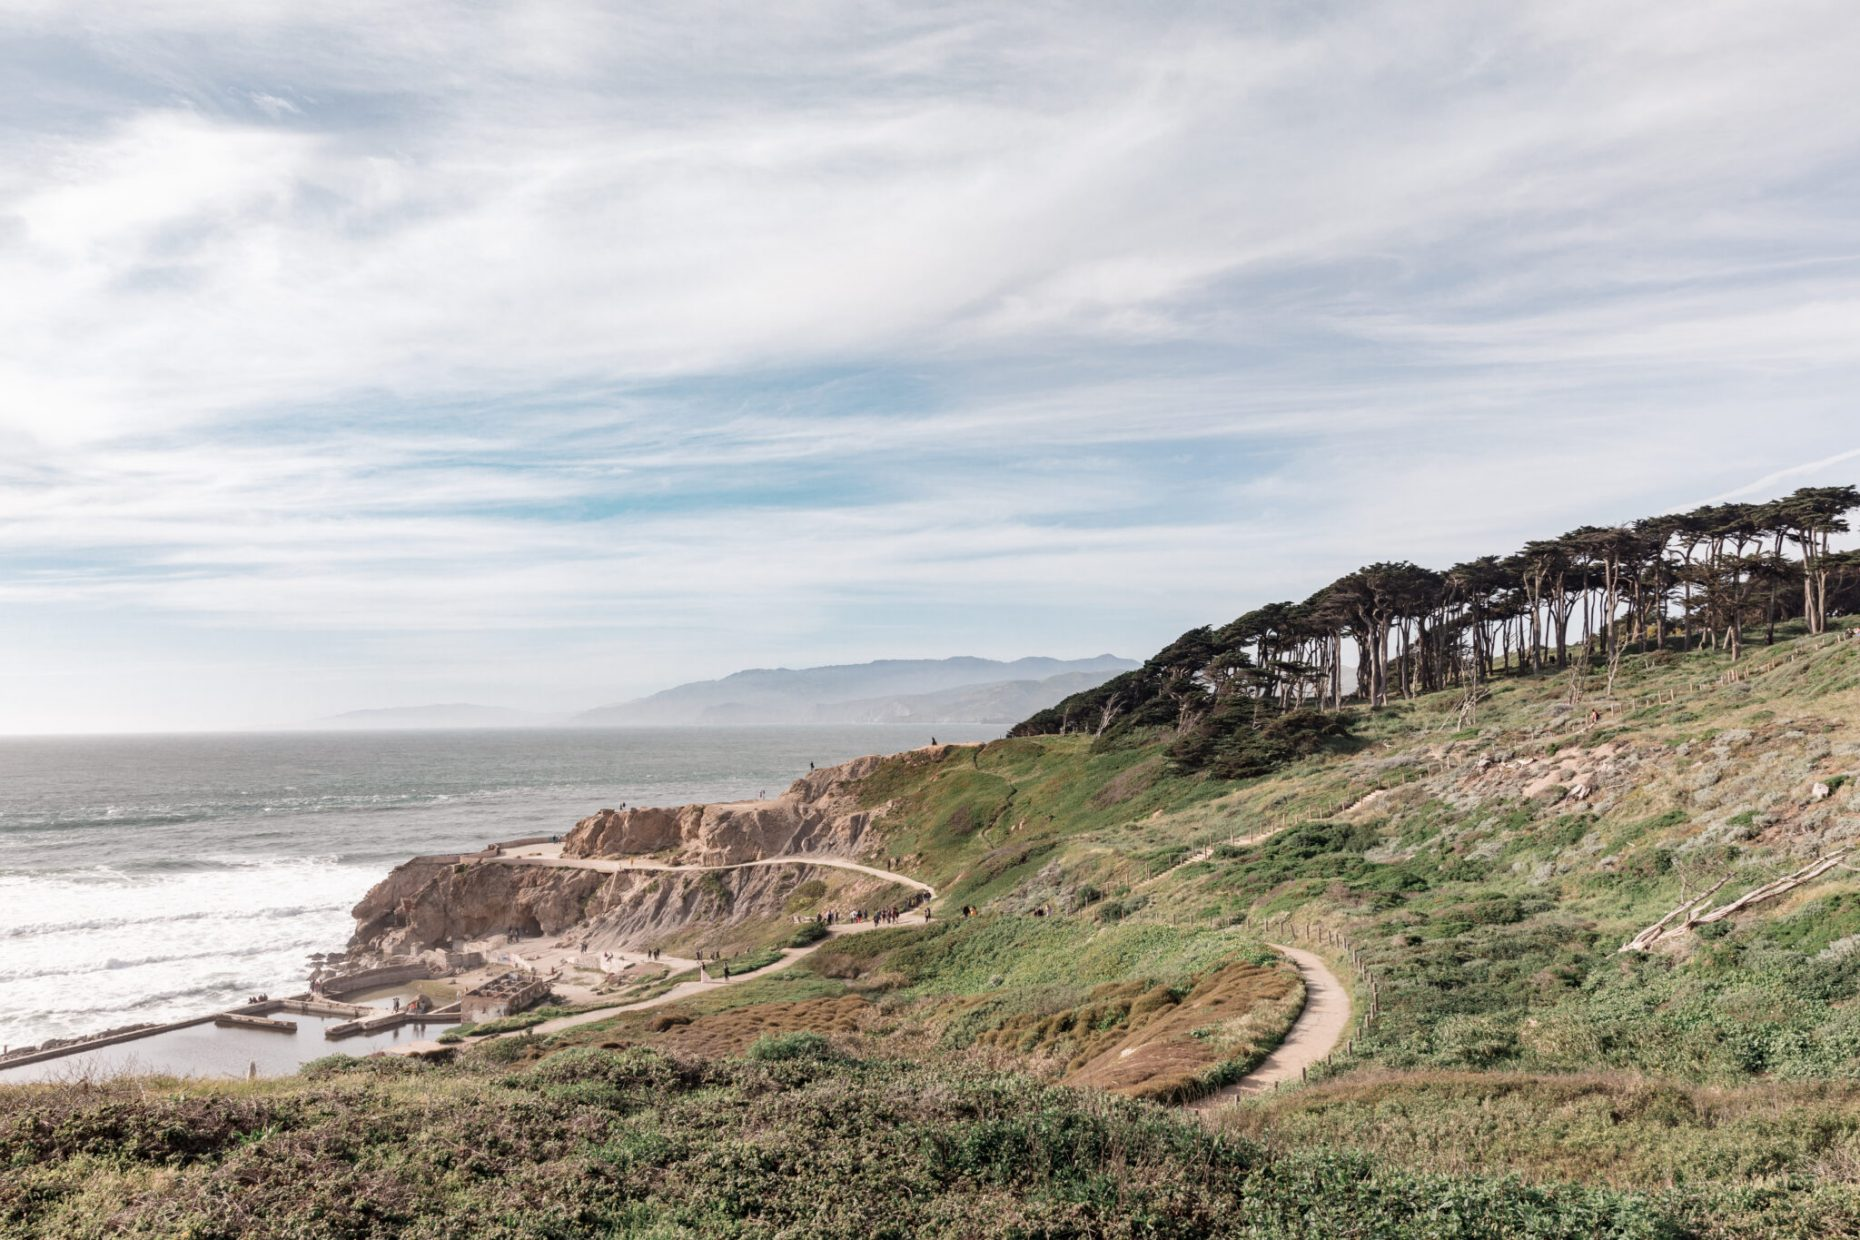 Lands End cliffs by Ocean beach san Francisco